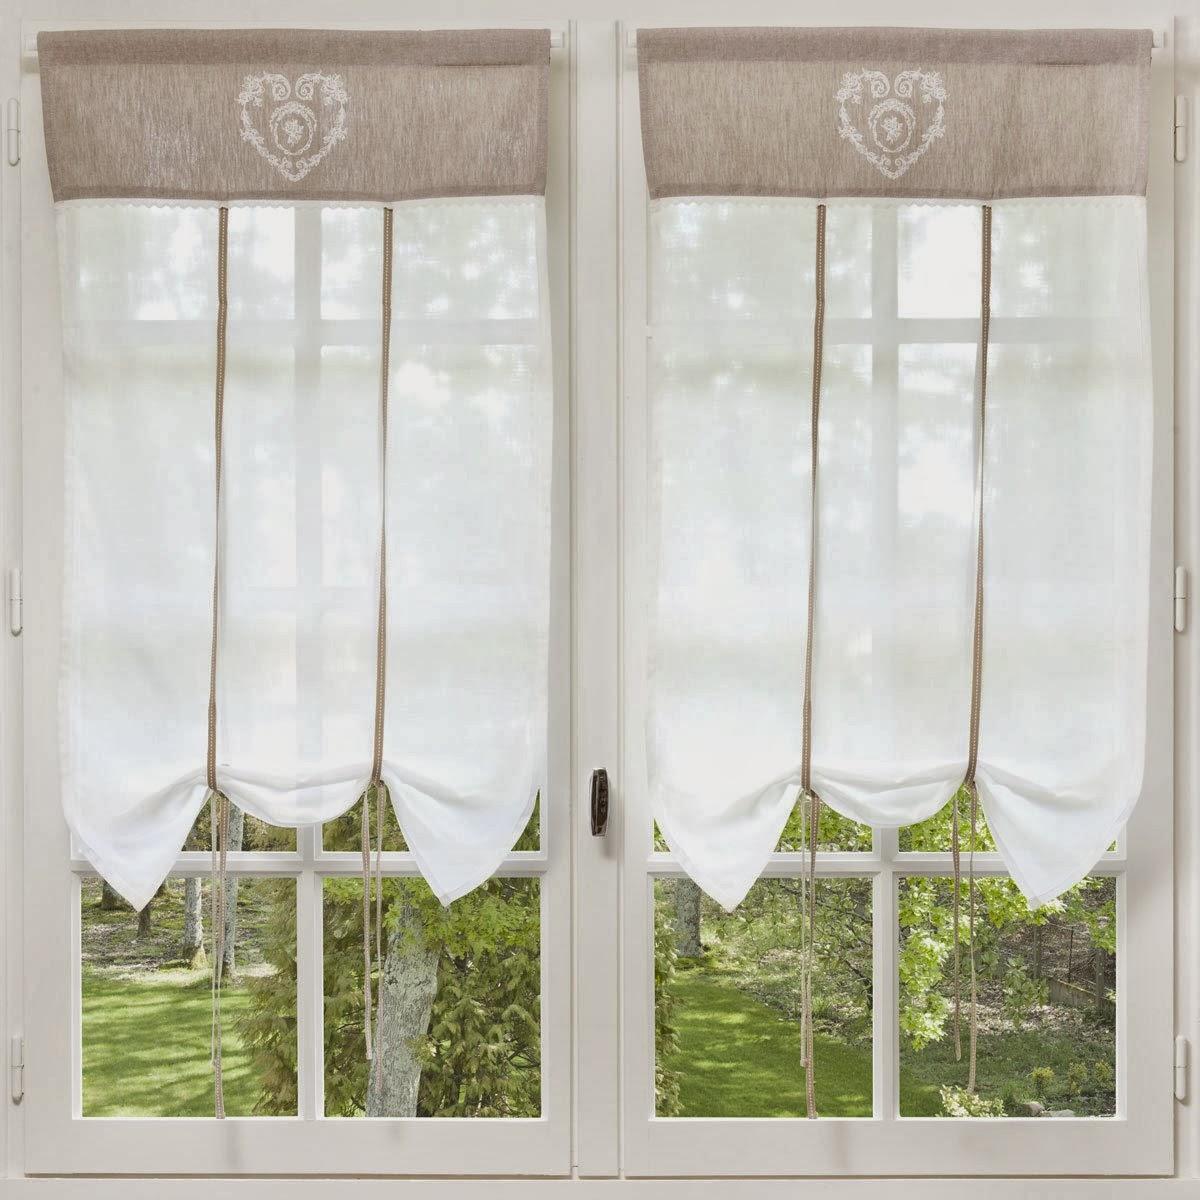 fabulous maison du monde dcoratrice interieur with maison. Black Bedroom Furniture Sets. Home Design Ideas